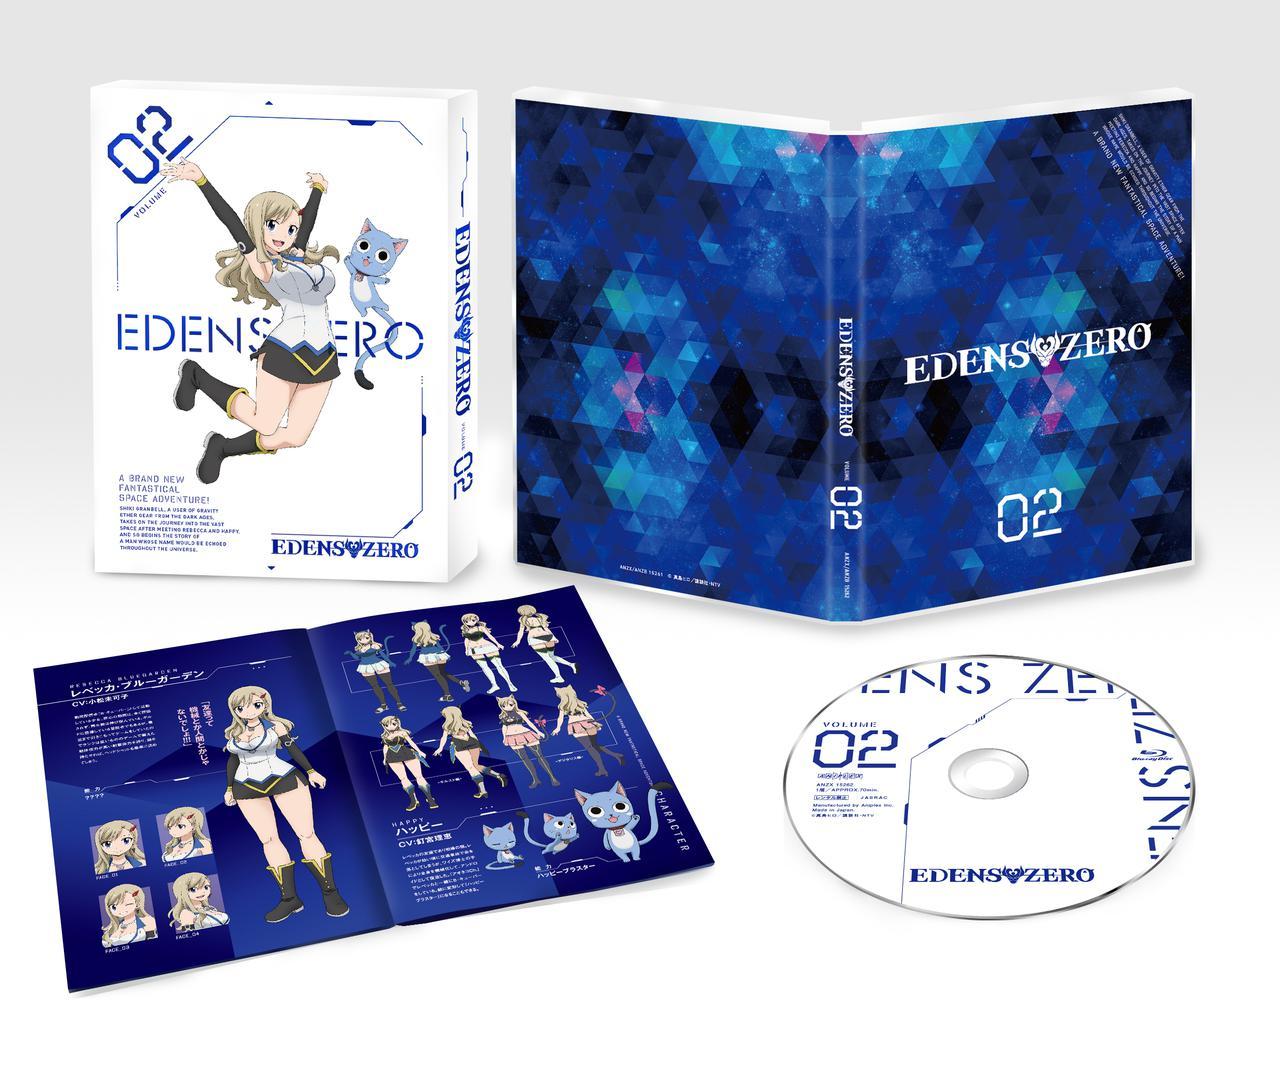 画像2: 『EDENS ZERO(エデンズゼロ)』 パッケージ第2巻 9月8日(水)より発売中